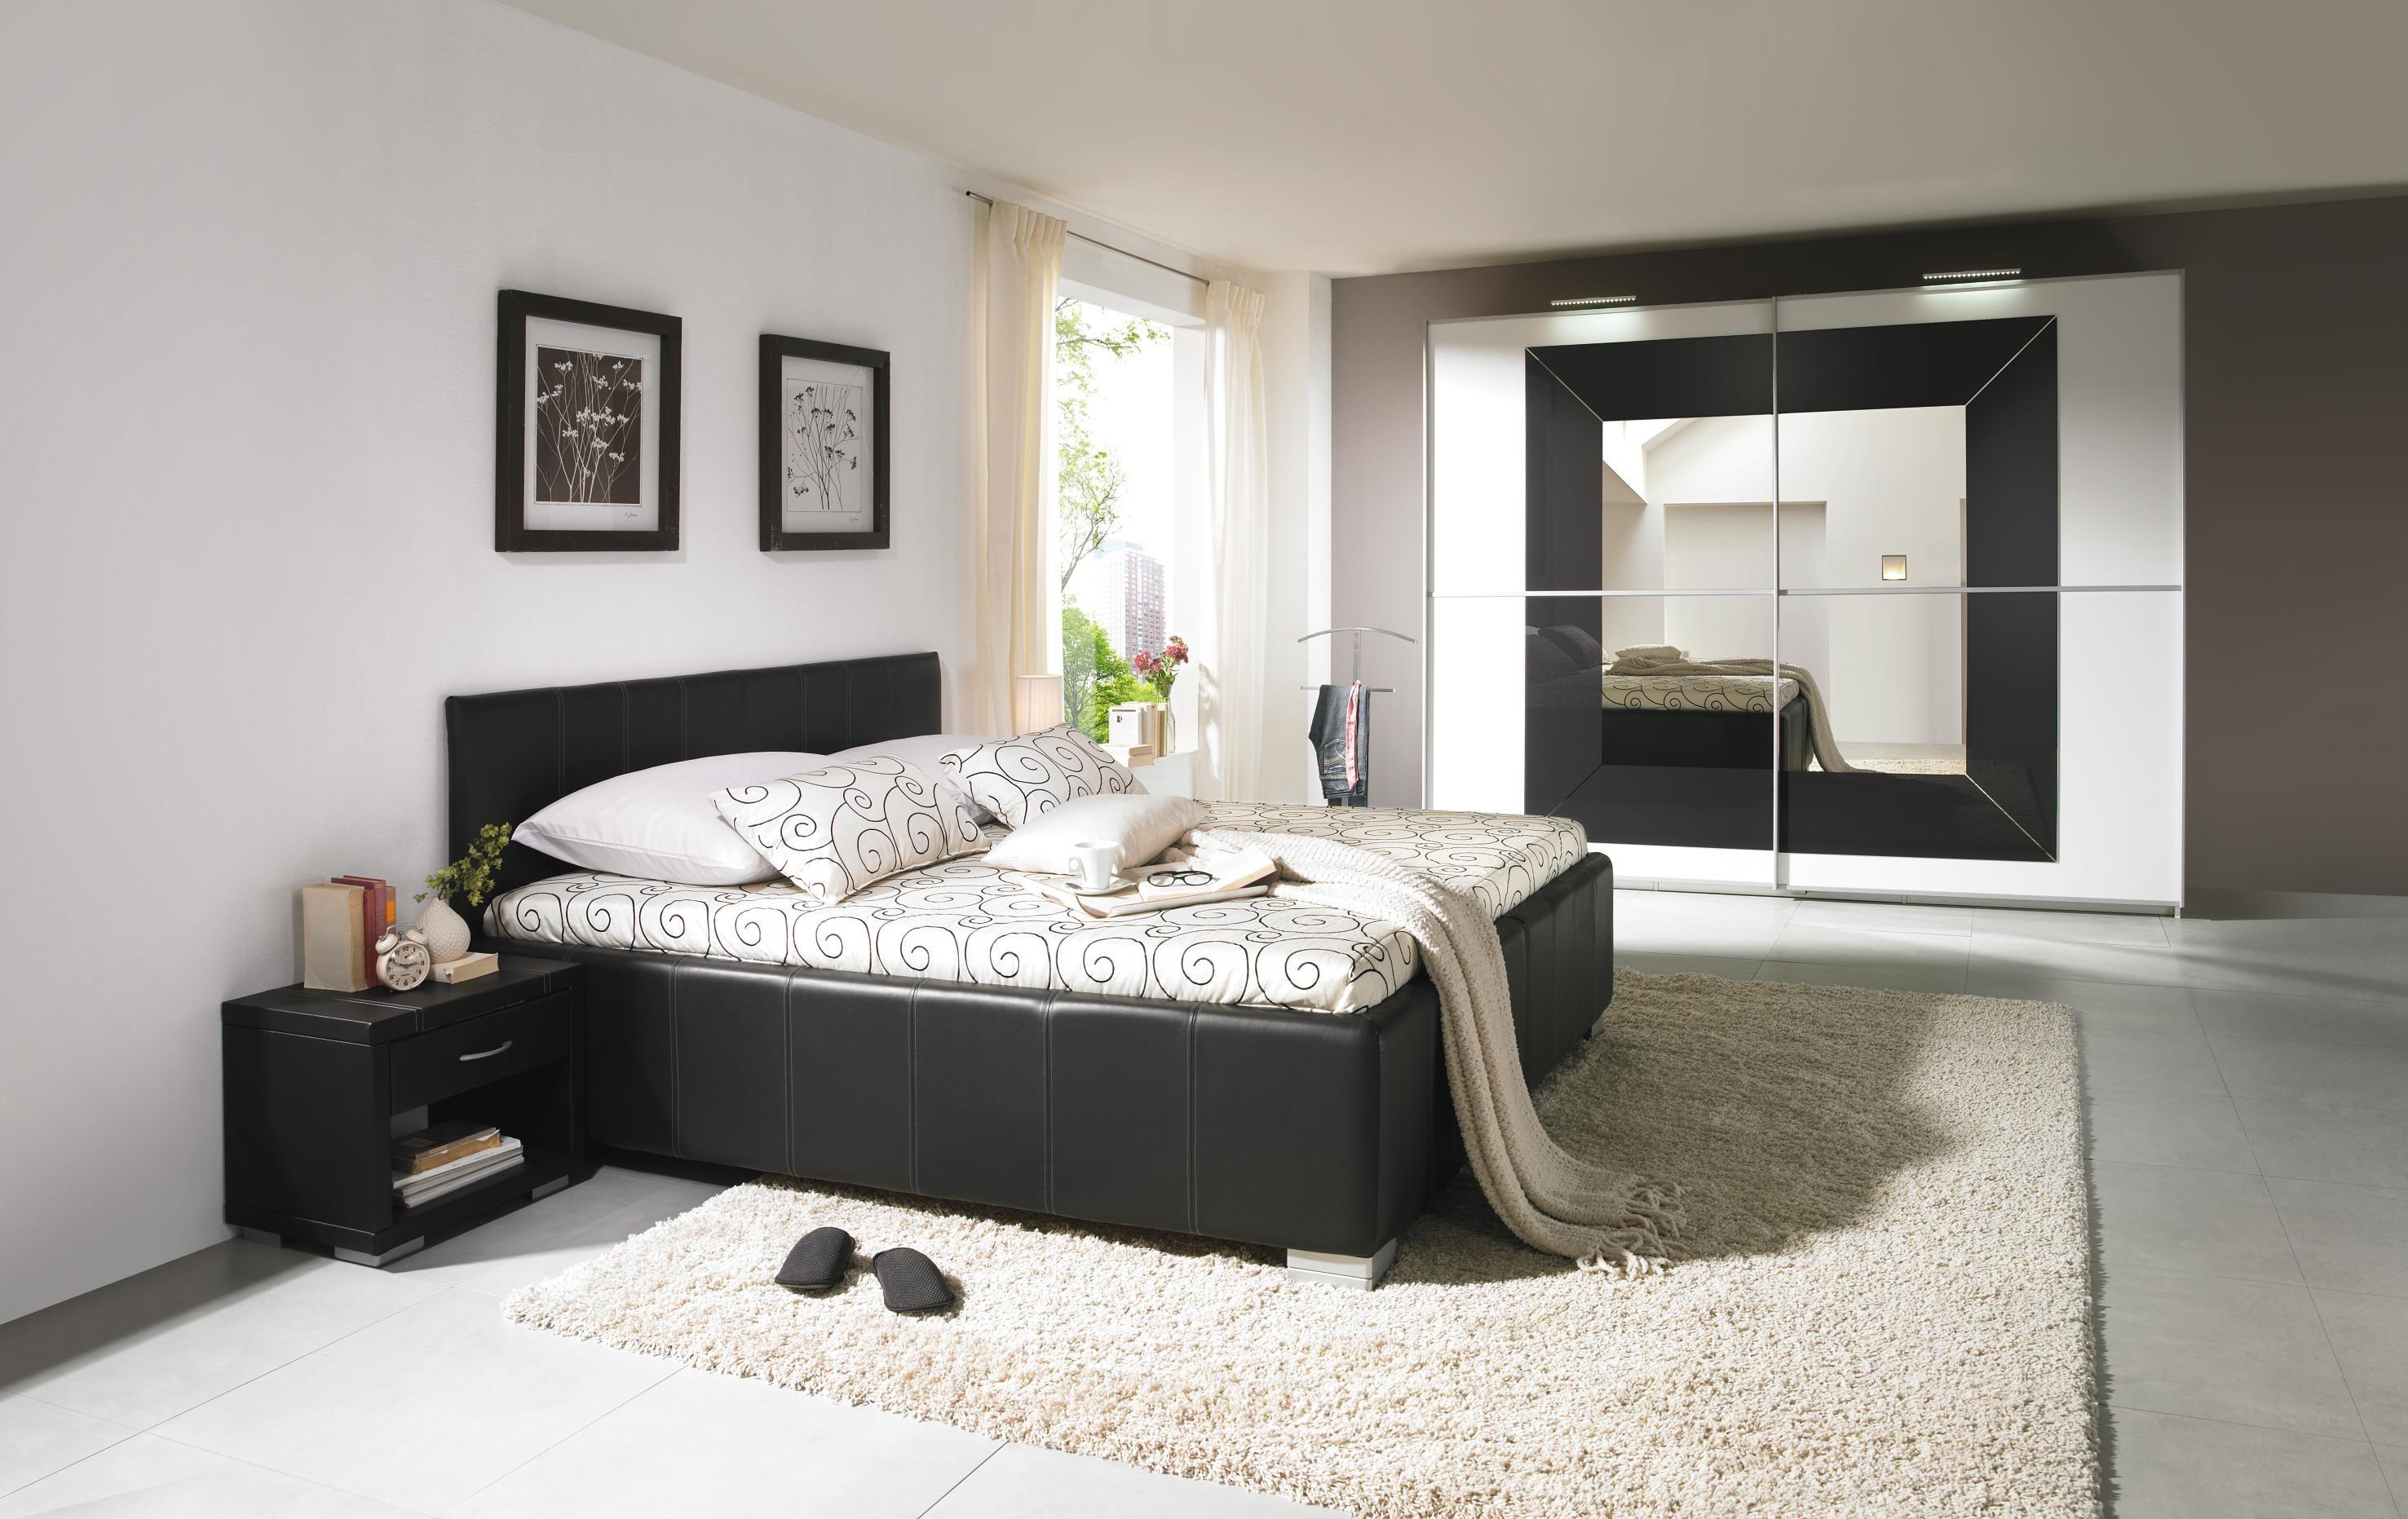 Hochwertige schlafzimmer kopfkissen aldi bettw sche elegante sale schlafzimmer tapeten von - Hochwertige schlafzimmer ...